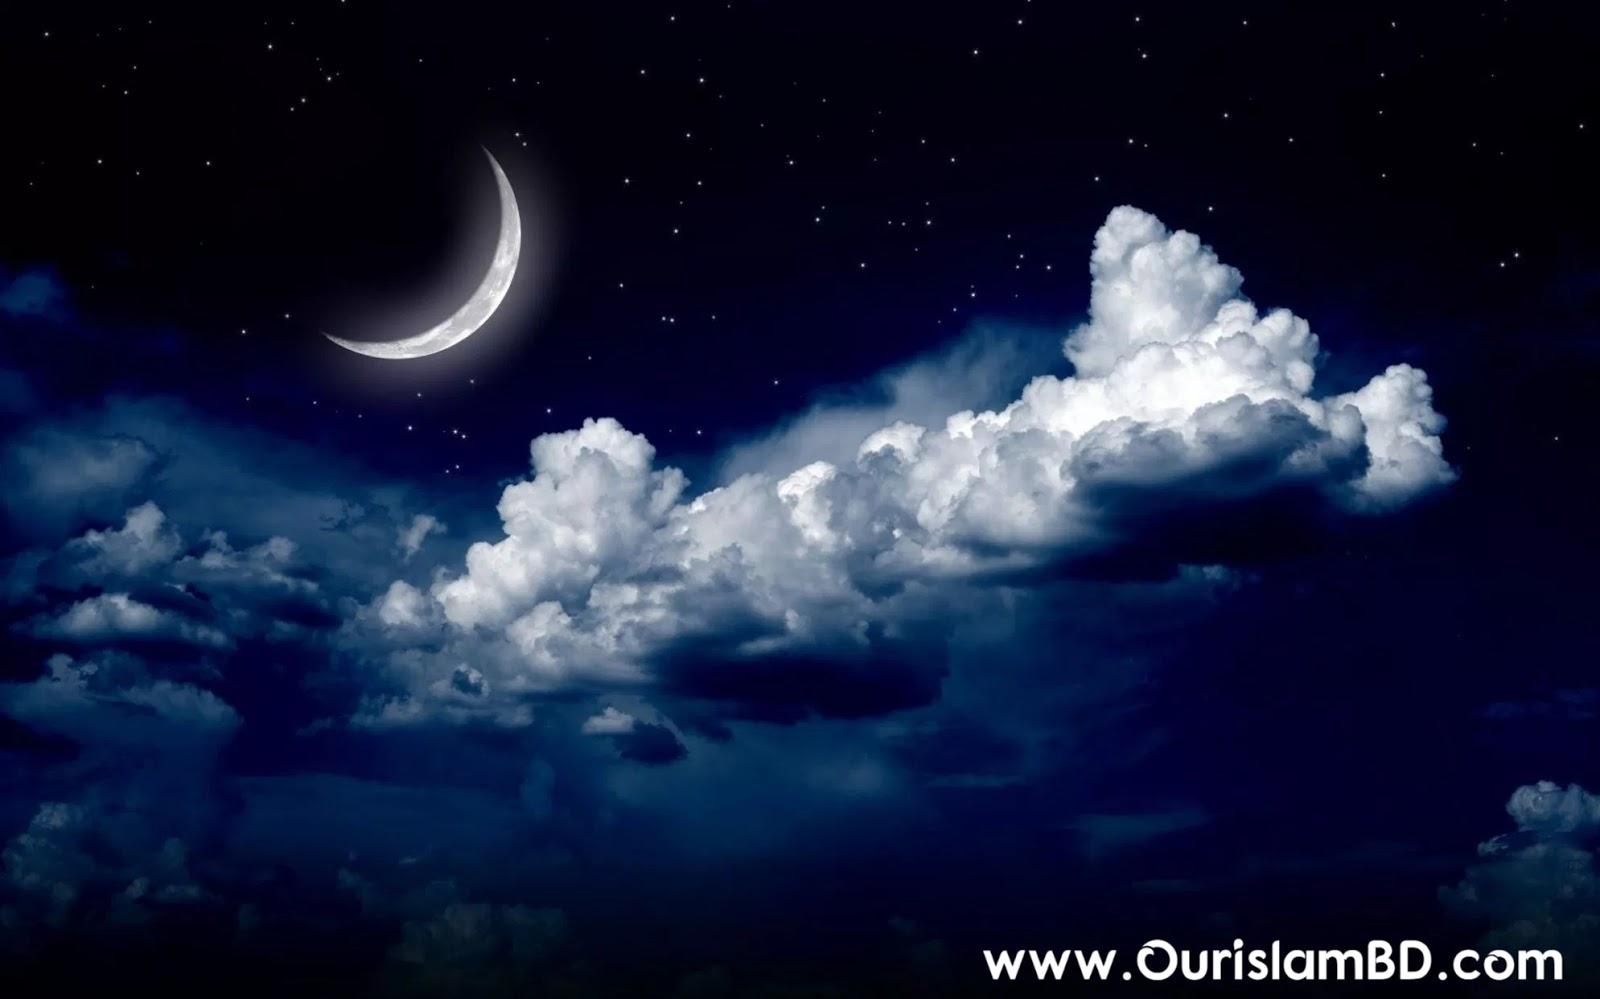 কি কি ইবাদত করবেন? 'লাইলাতুল্ কদর'এ  - ourislamBD.com